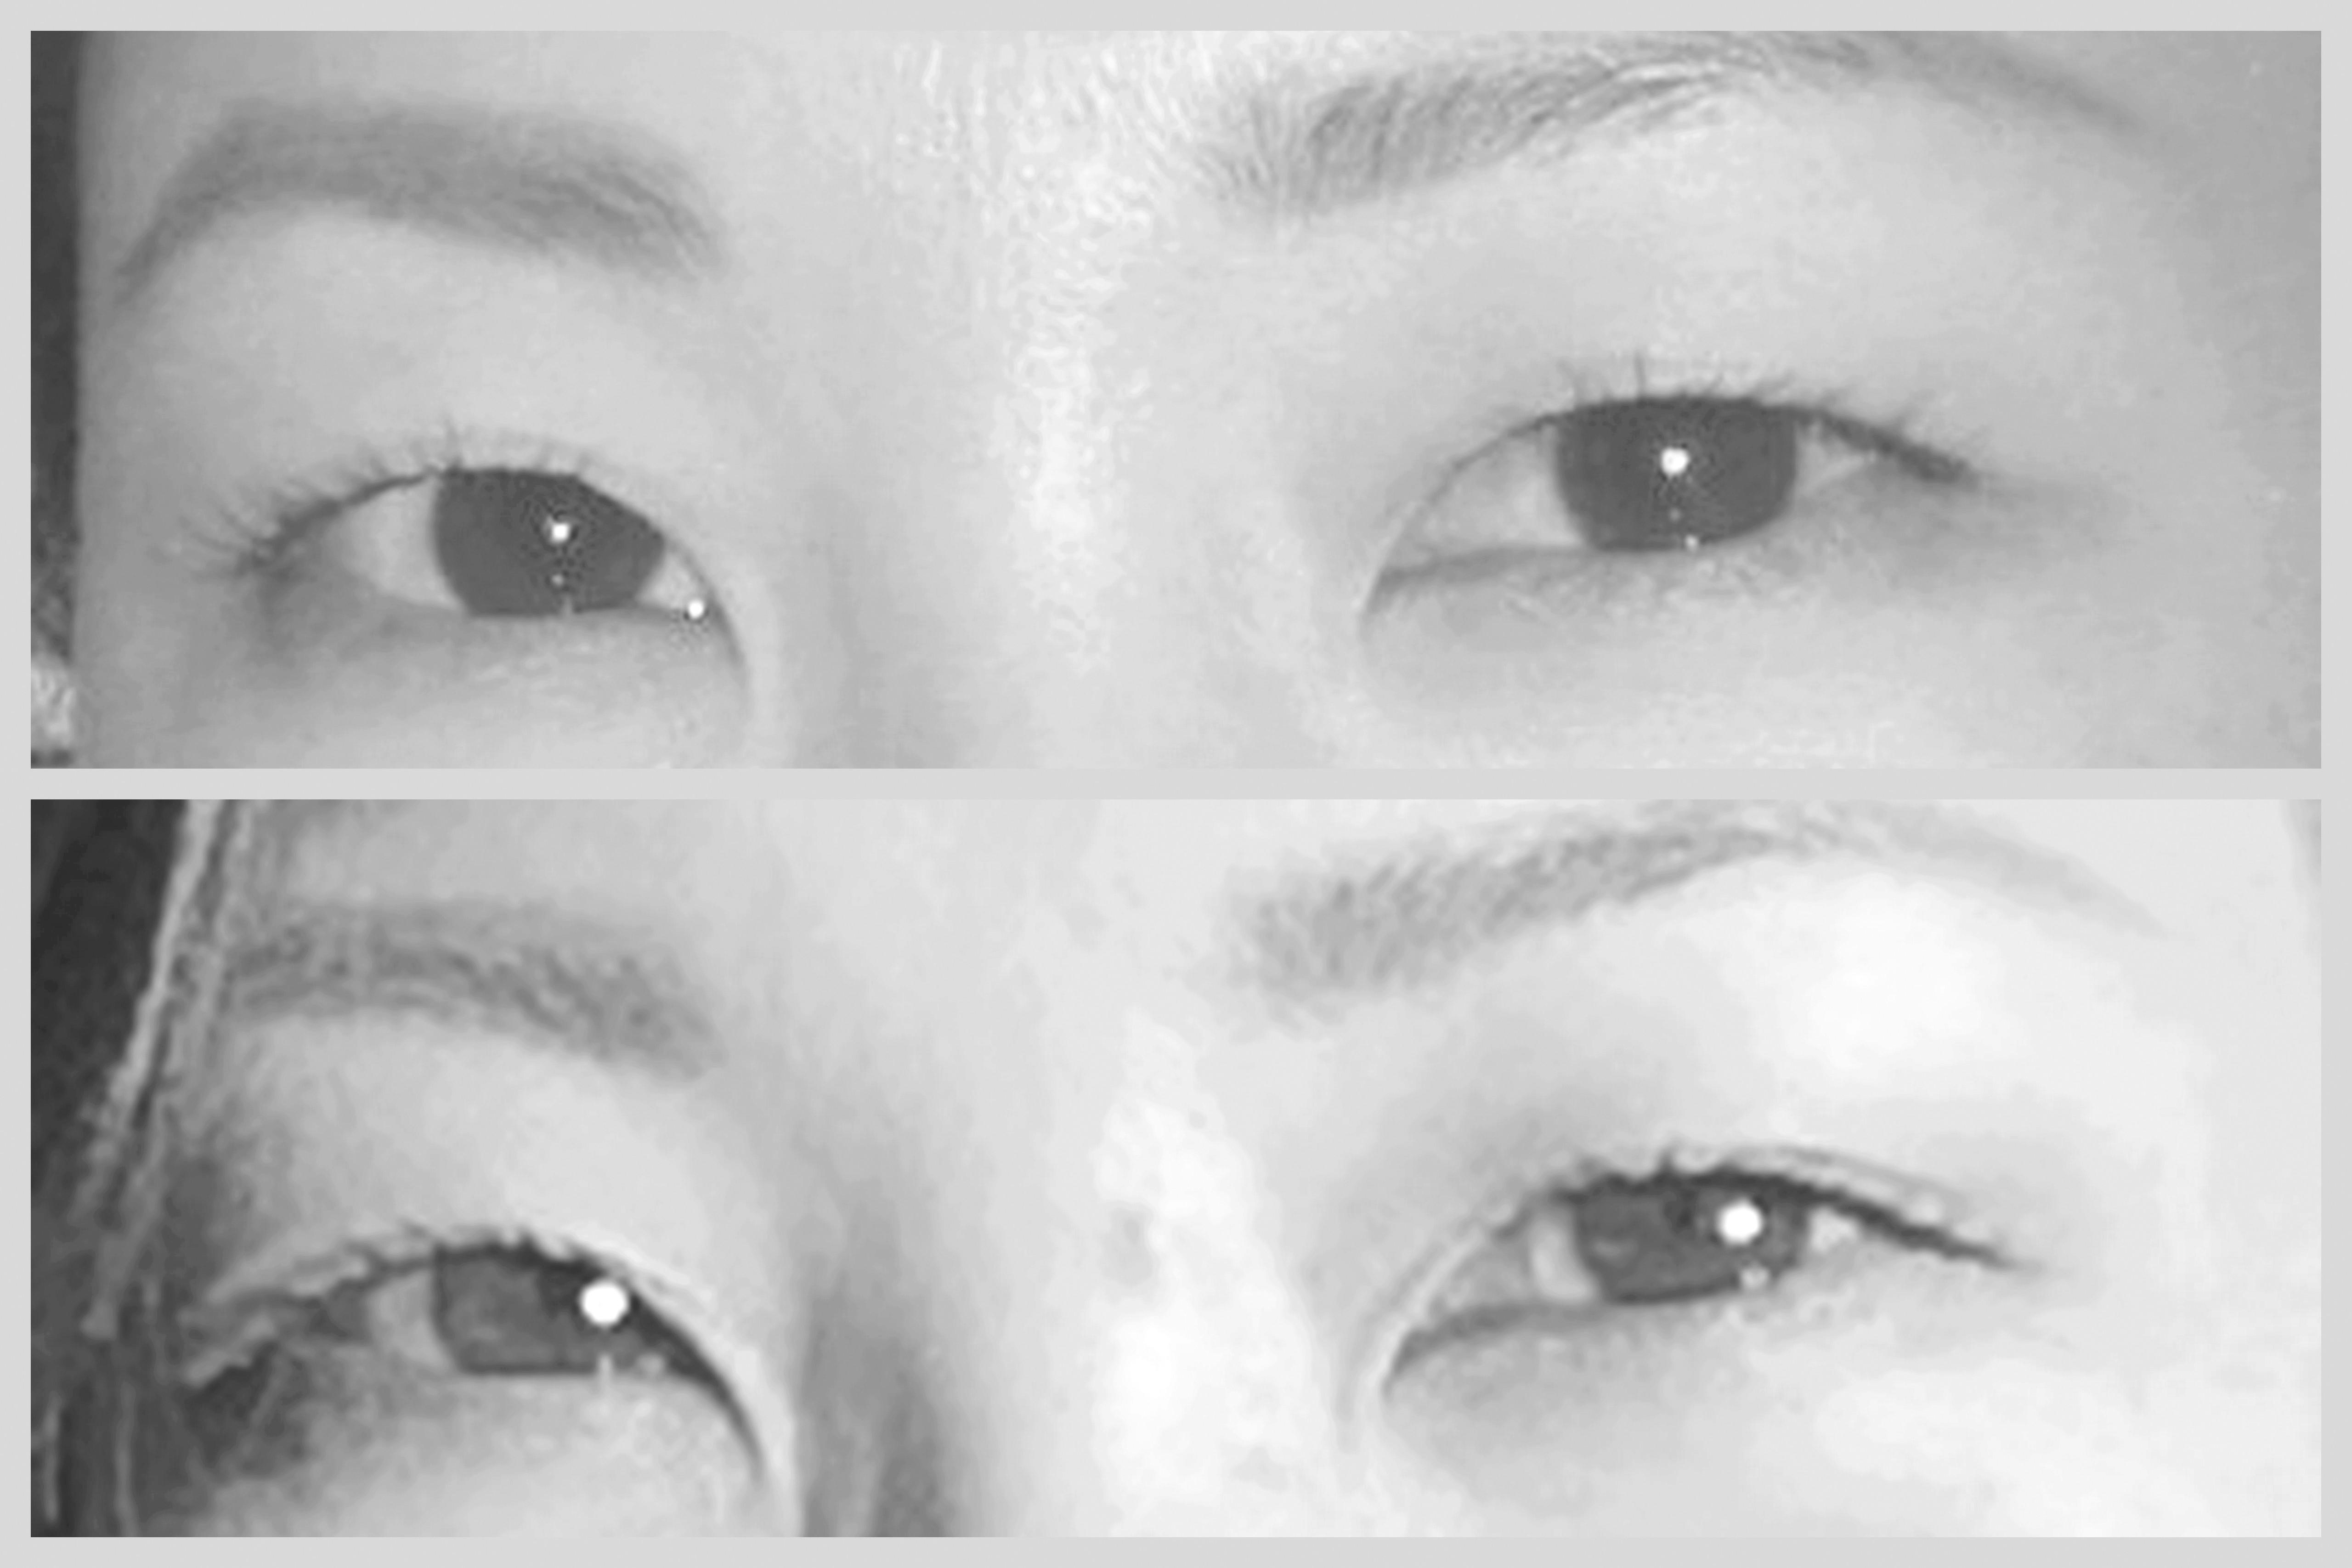 Kareprost: reviews. Kareprost - means for eyelashes 92